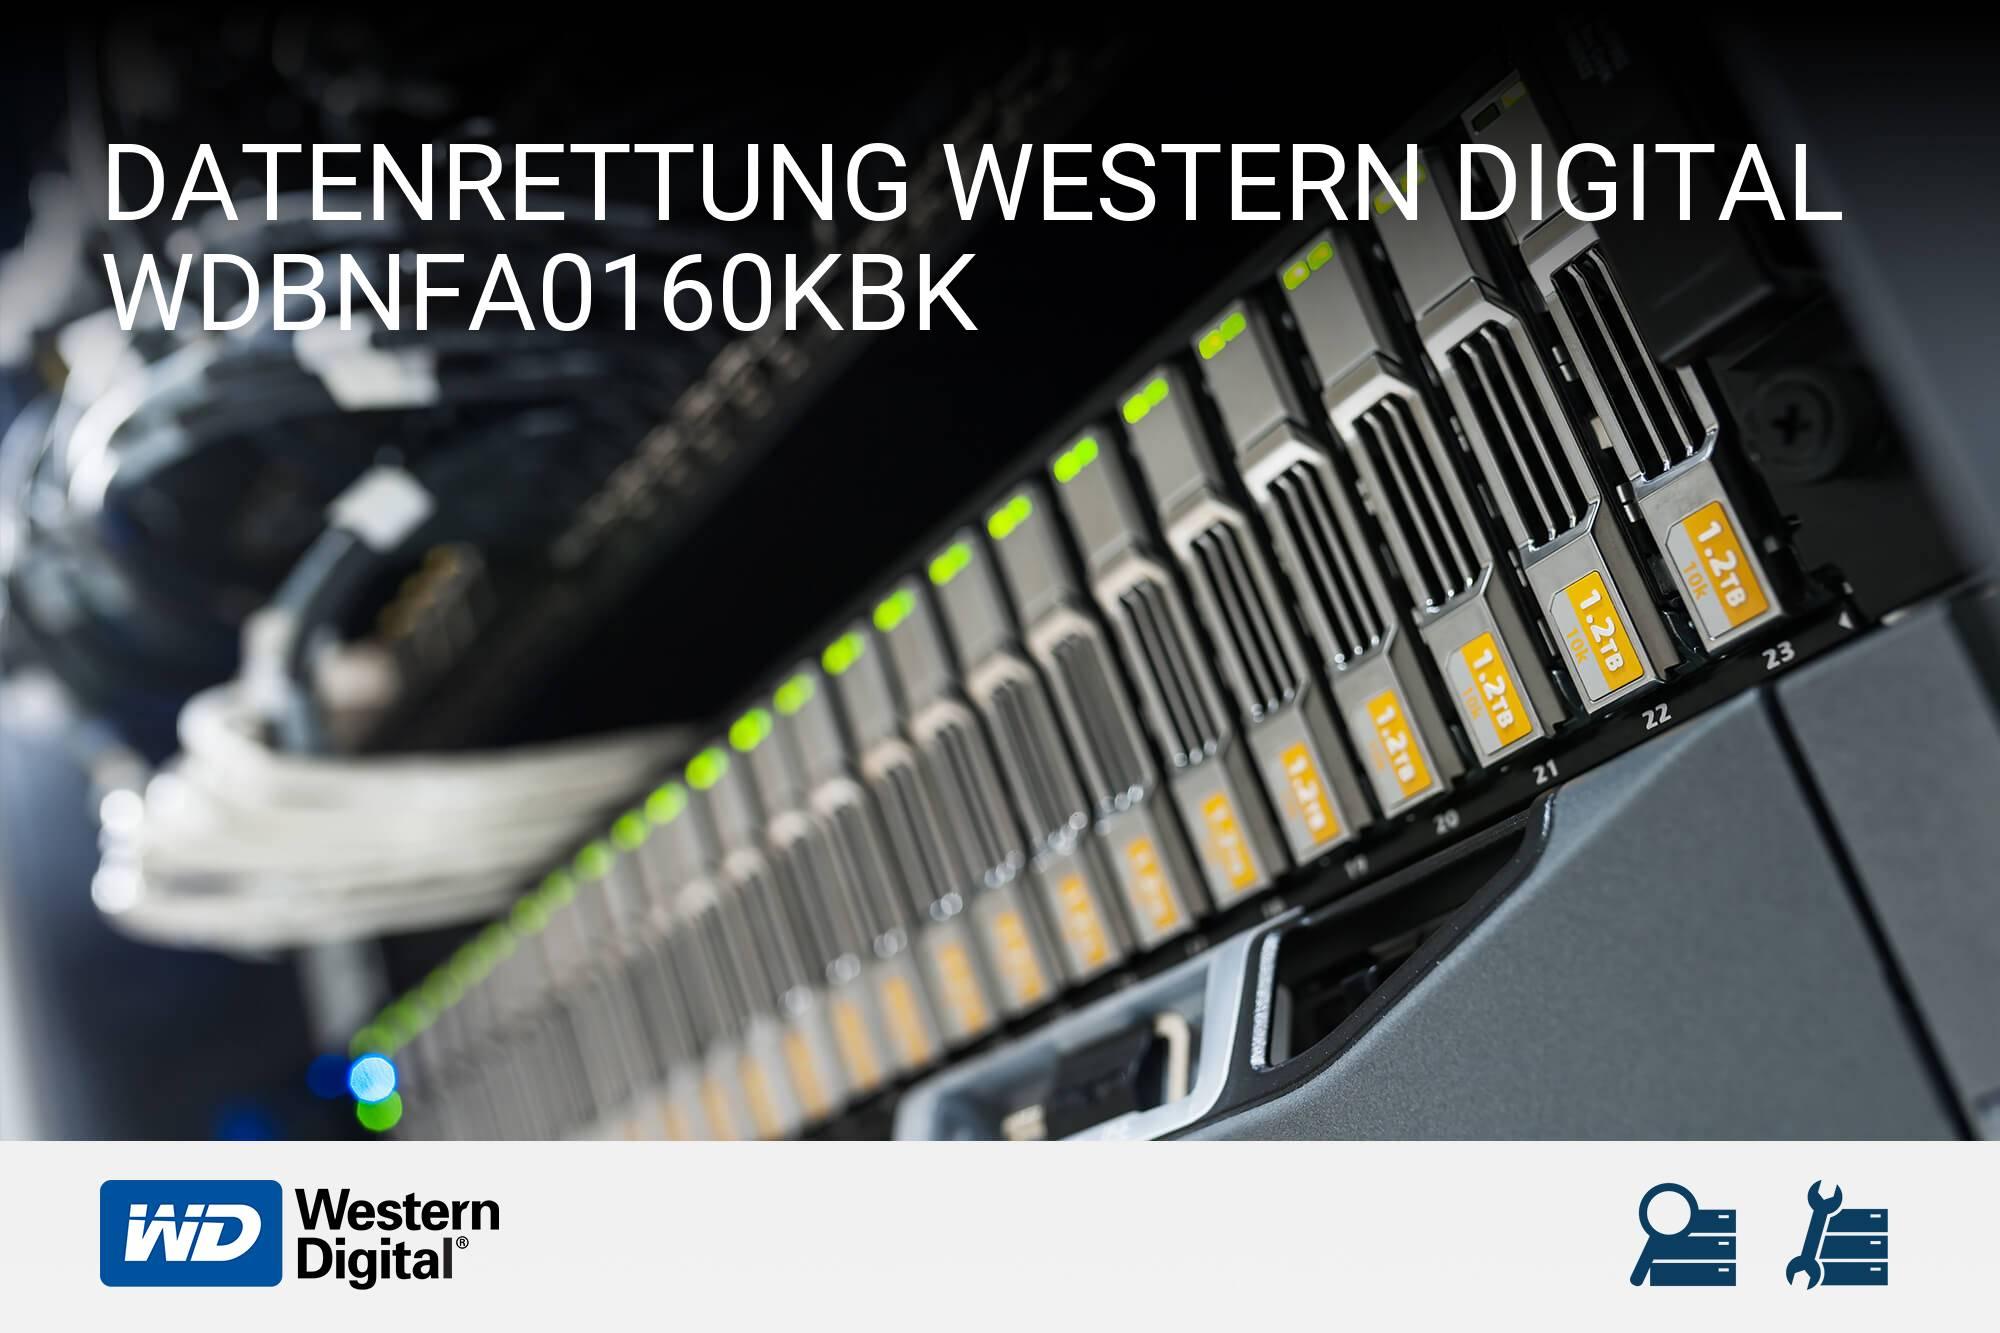 Western Digital WDBNFA0160KBK